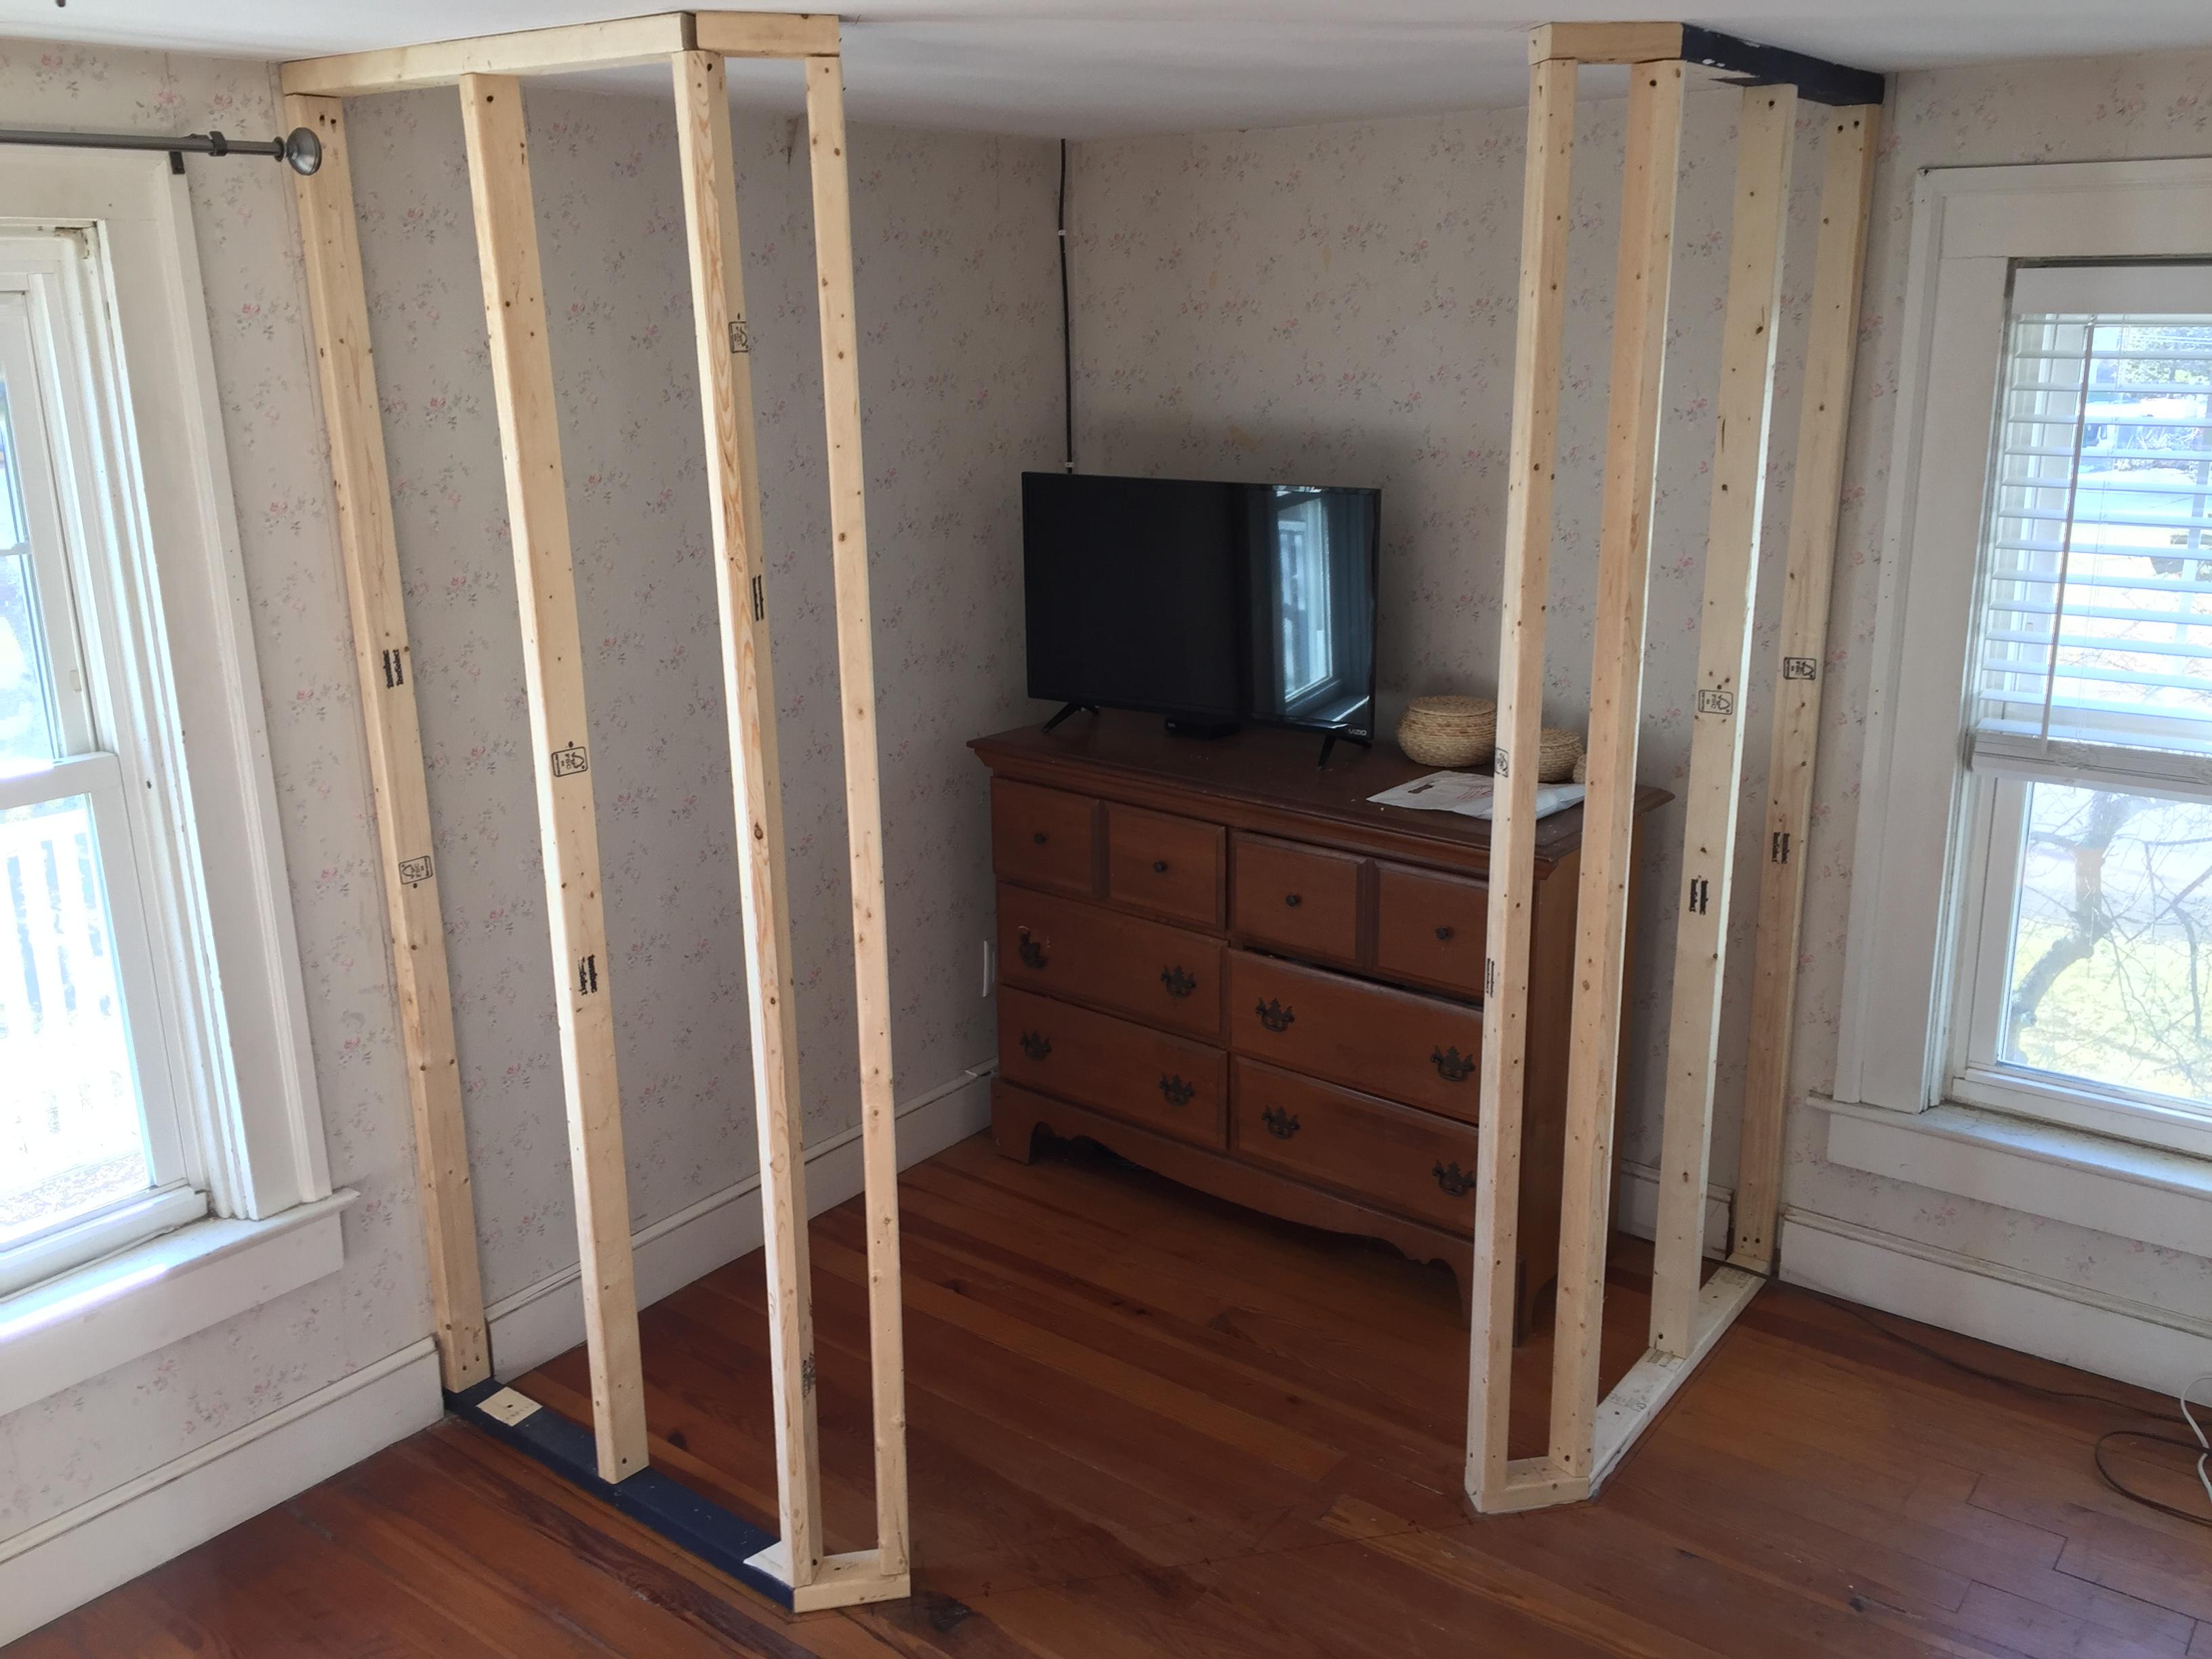 Bathroom Mega Project Part 1 A Corner Closet TJBenson